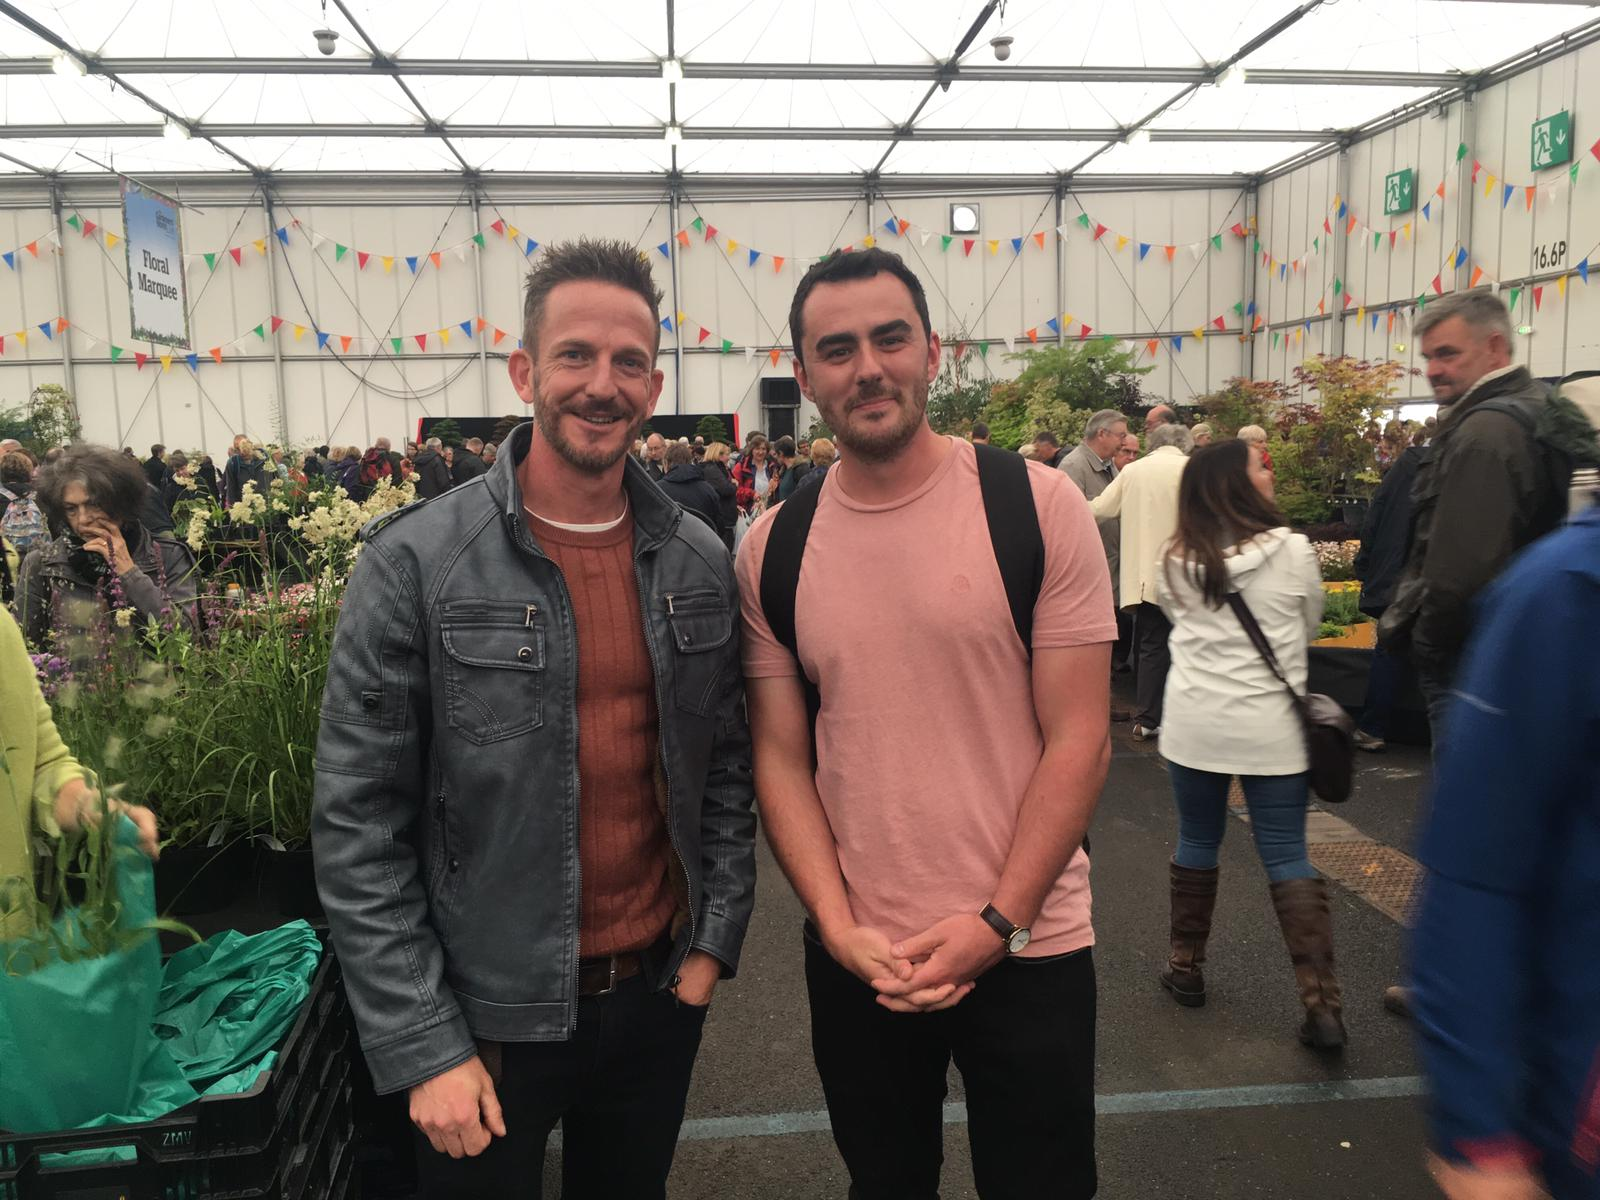 Tom and Nick Bailey